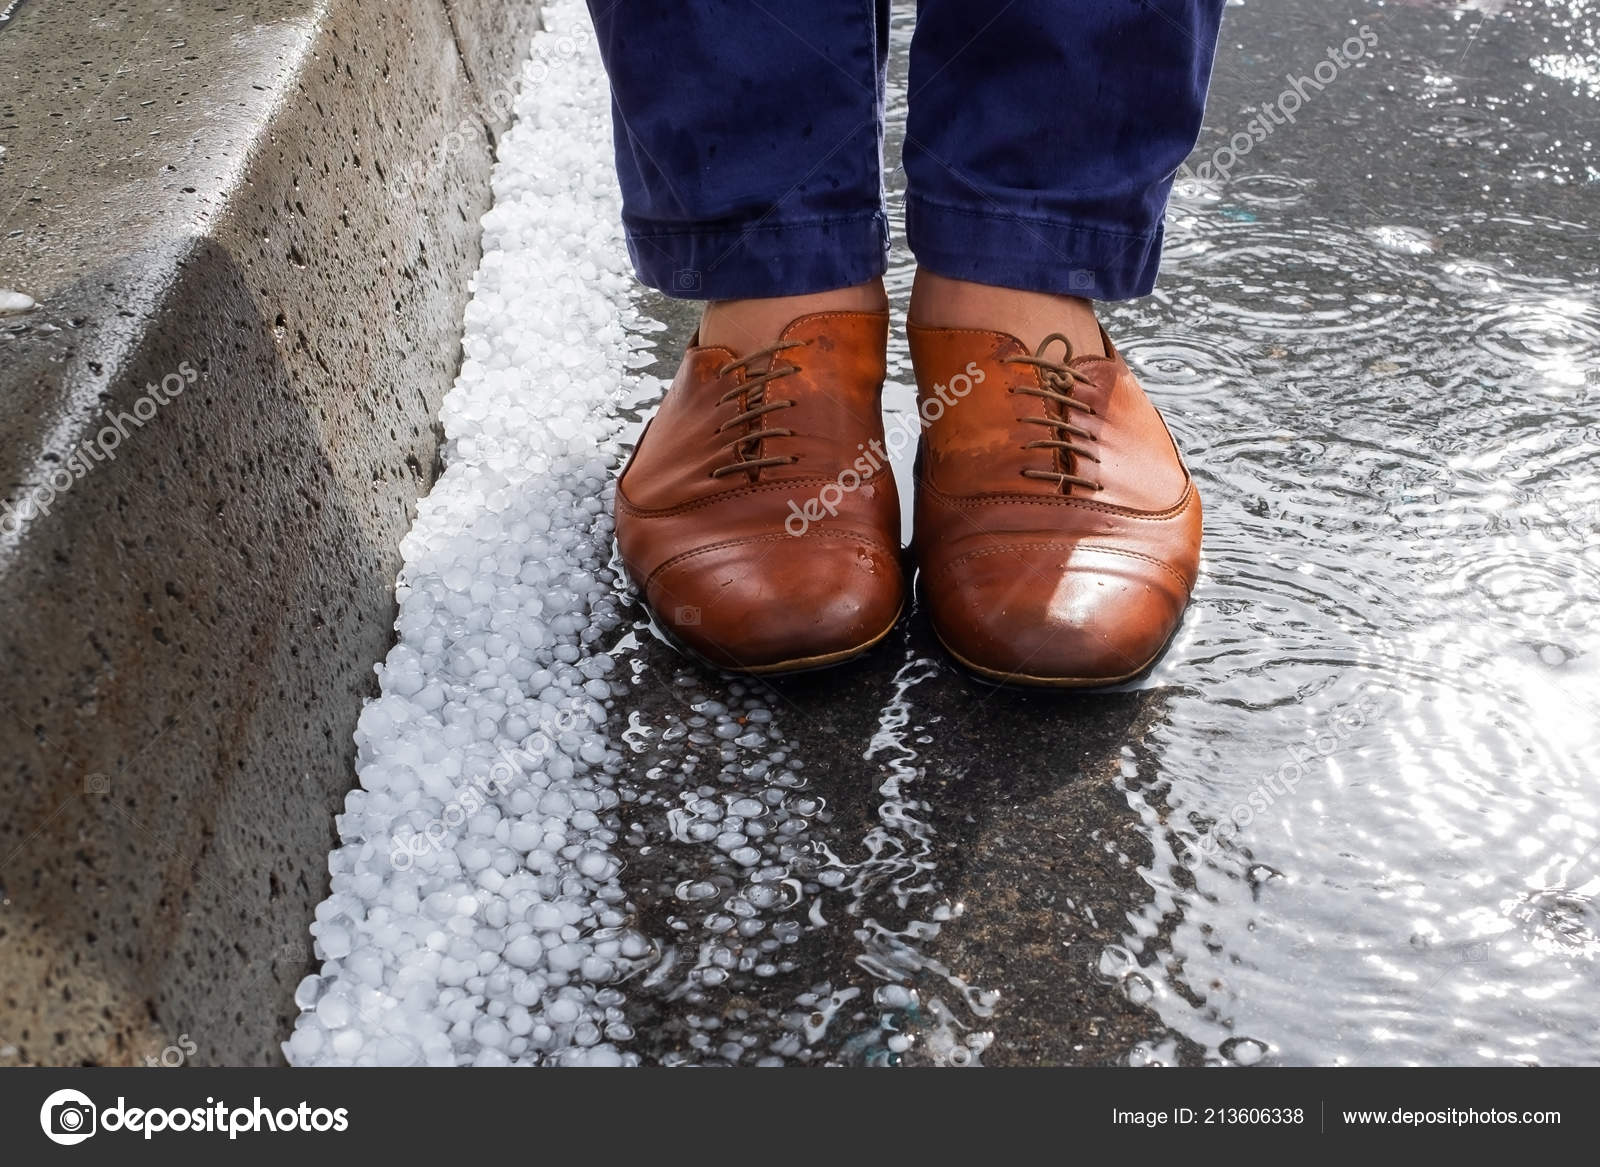 velké mokré boty